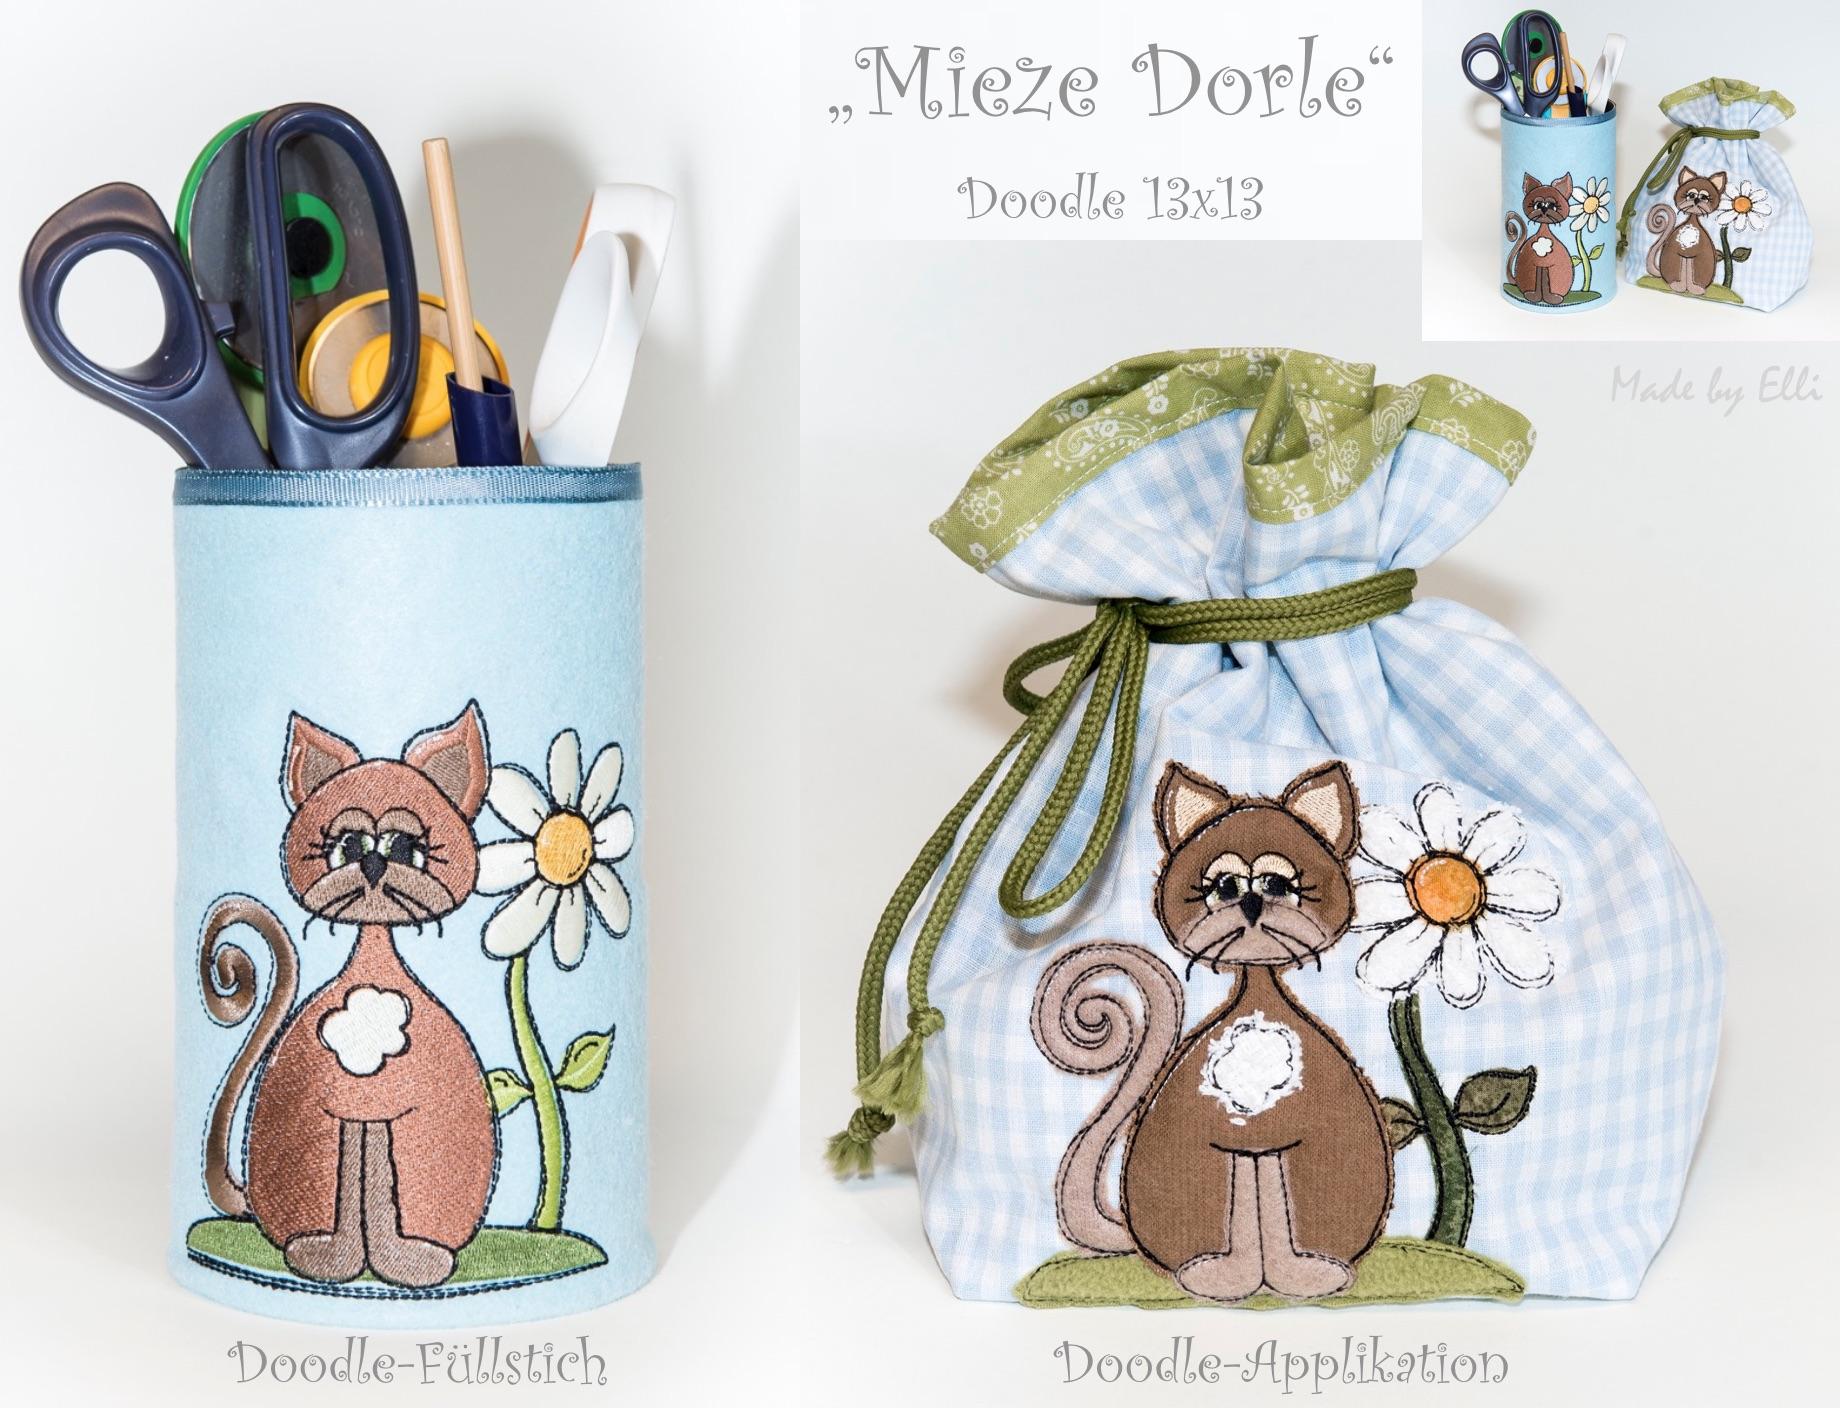 Mieze Dorle Doodles